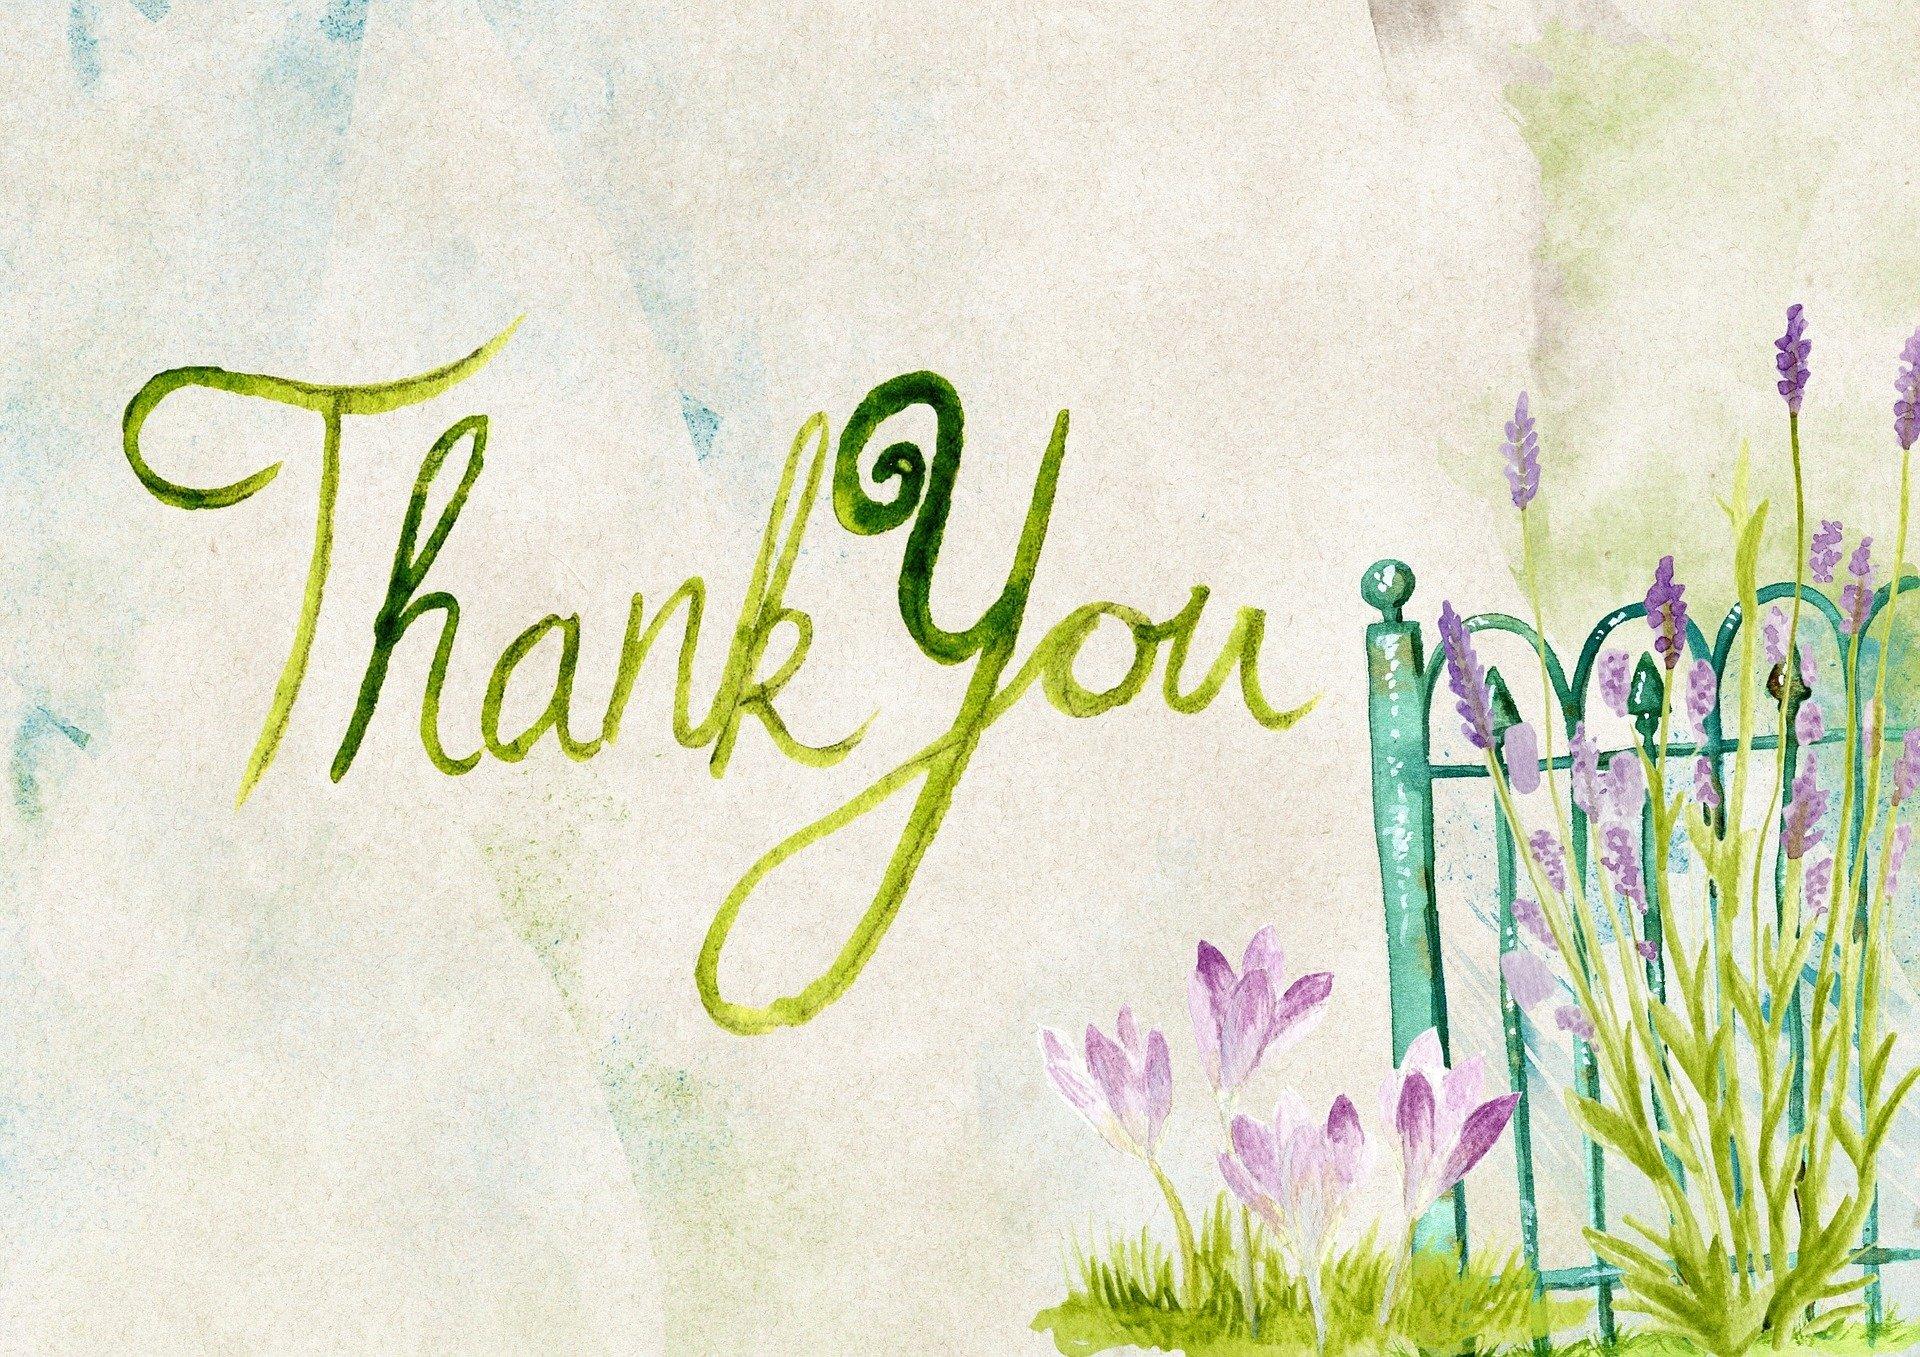 La gratitudine è un'abitudine che nel tempo migliora la vita